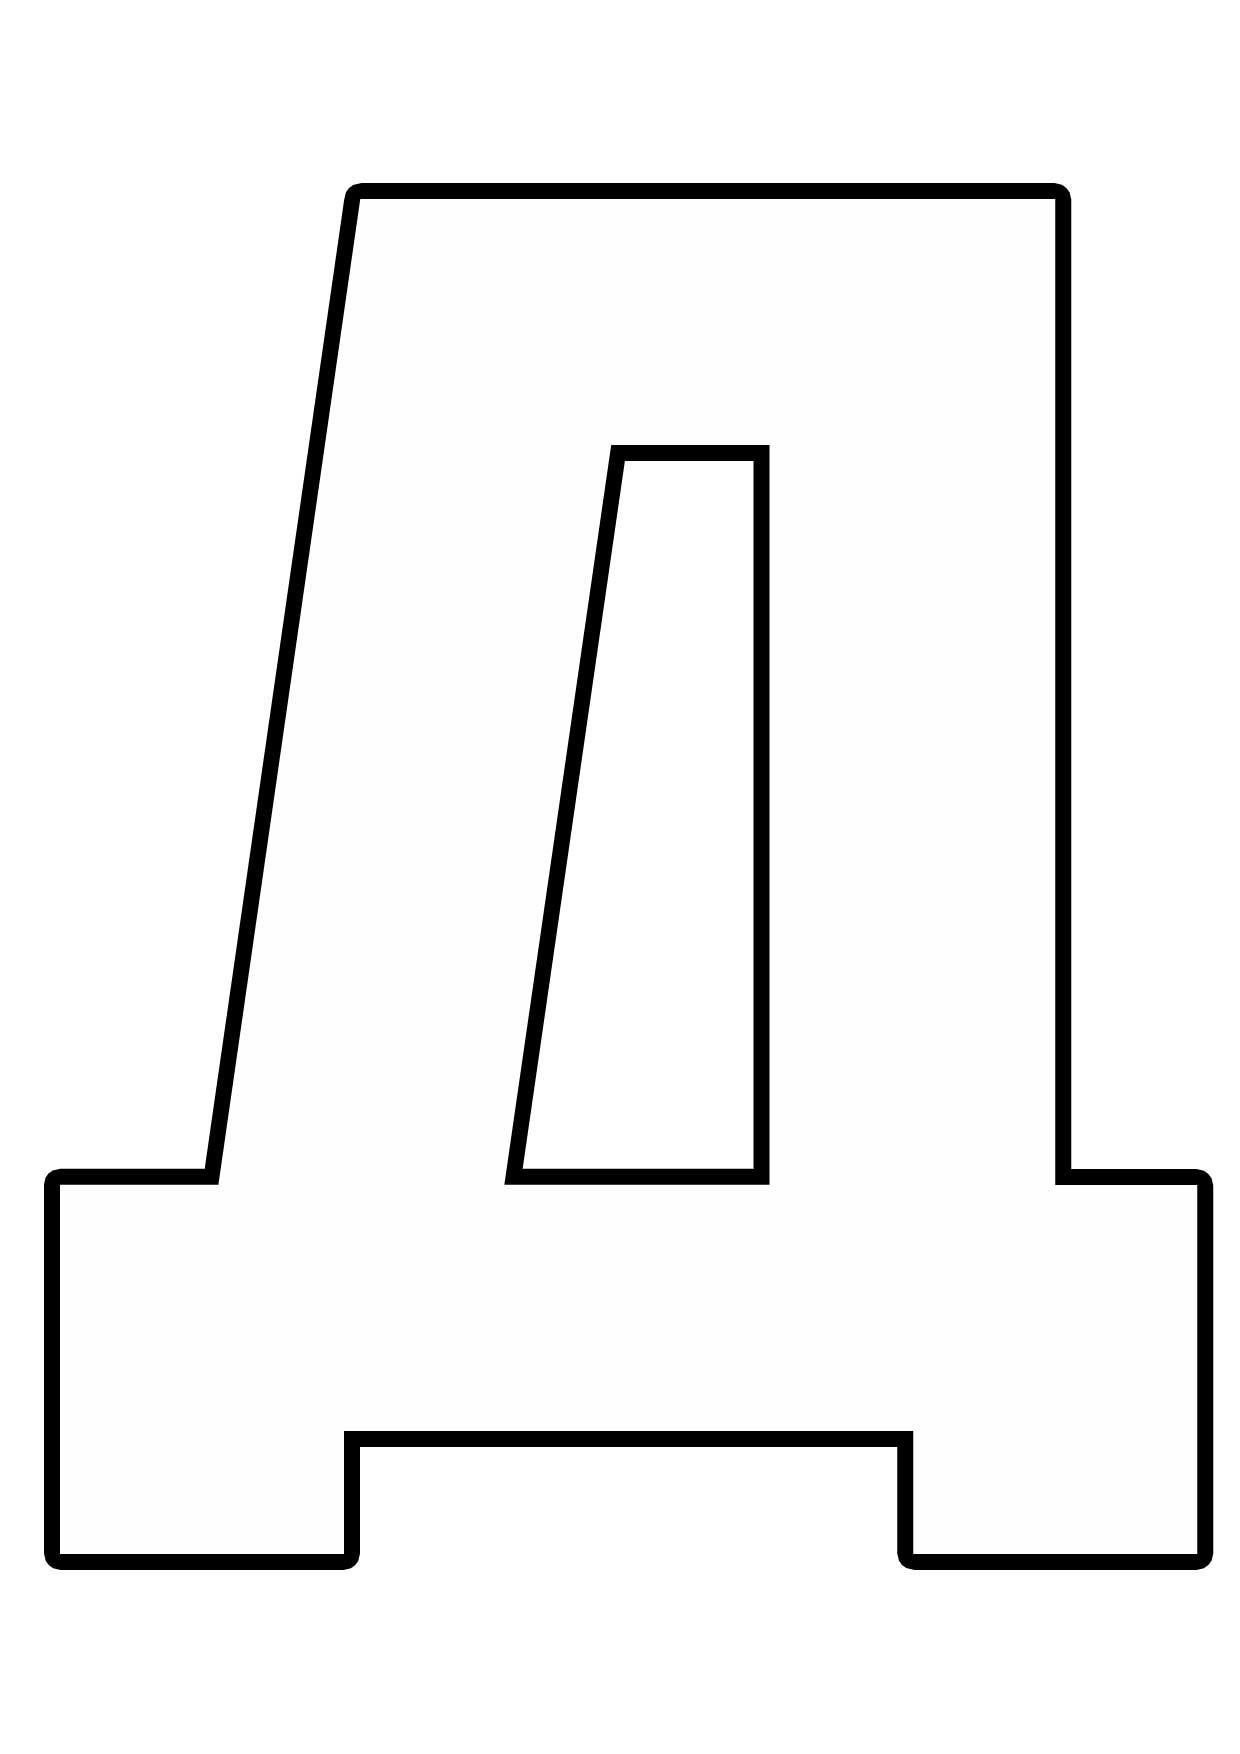 рулевая рейка тойота королла филдер 122 кузов во владивостоке